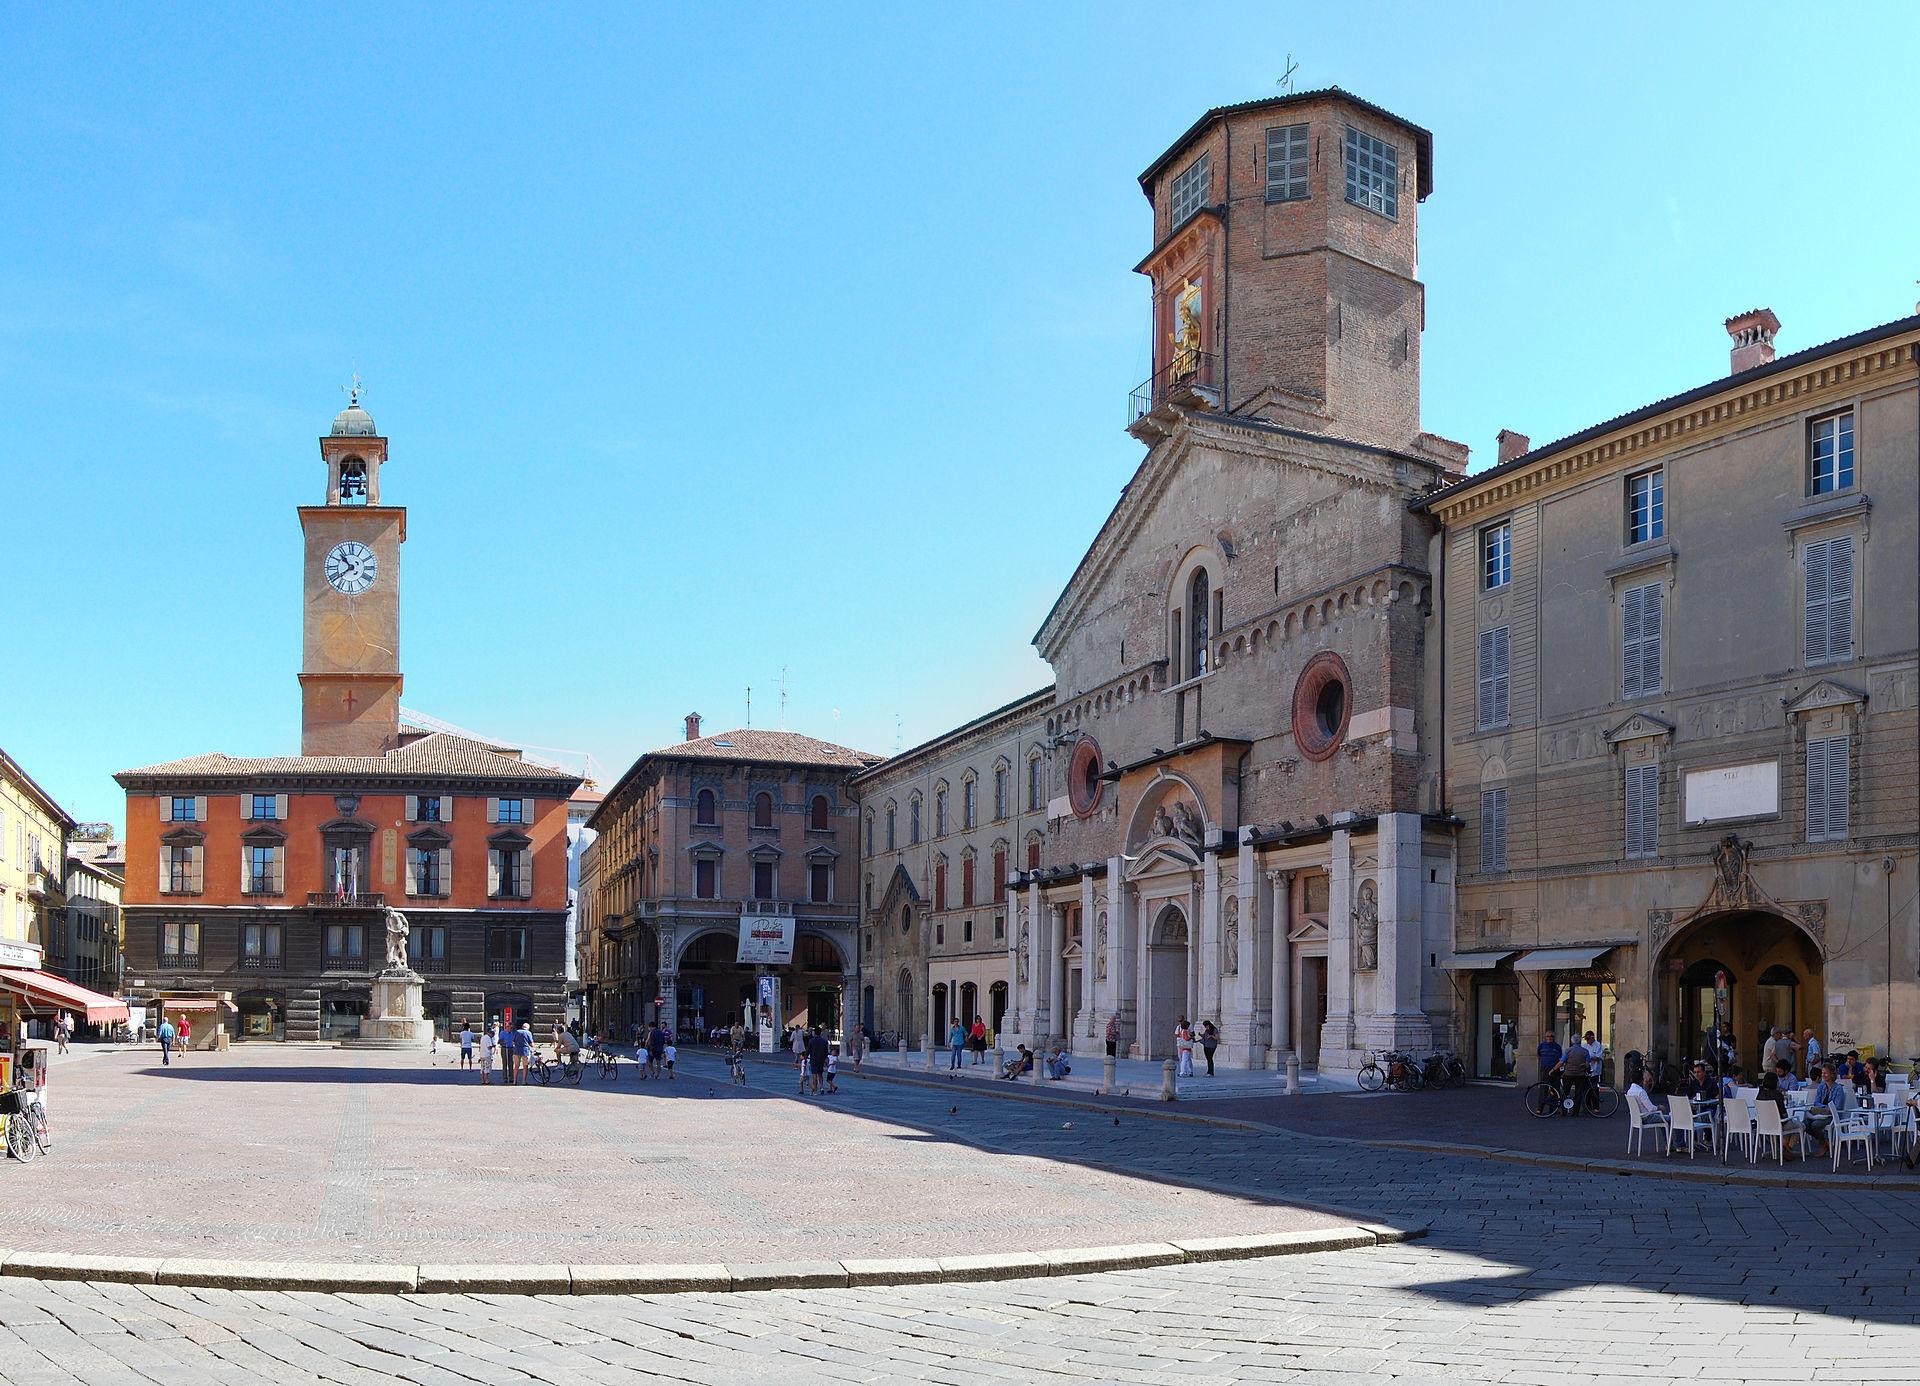 Piazza del duomo reggio emilia wikipedia for Subito it arredamento reggio emilia